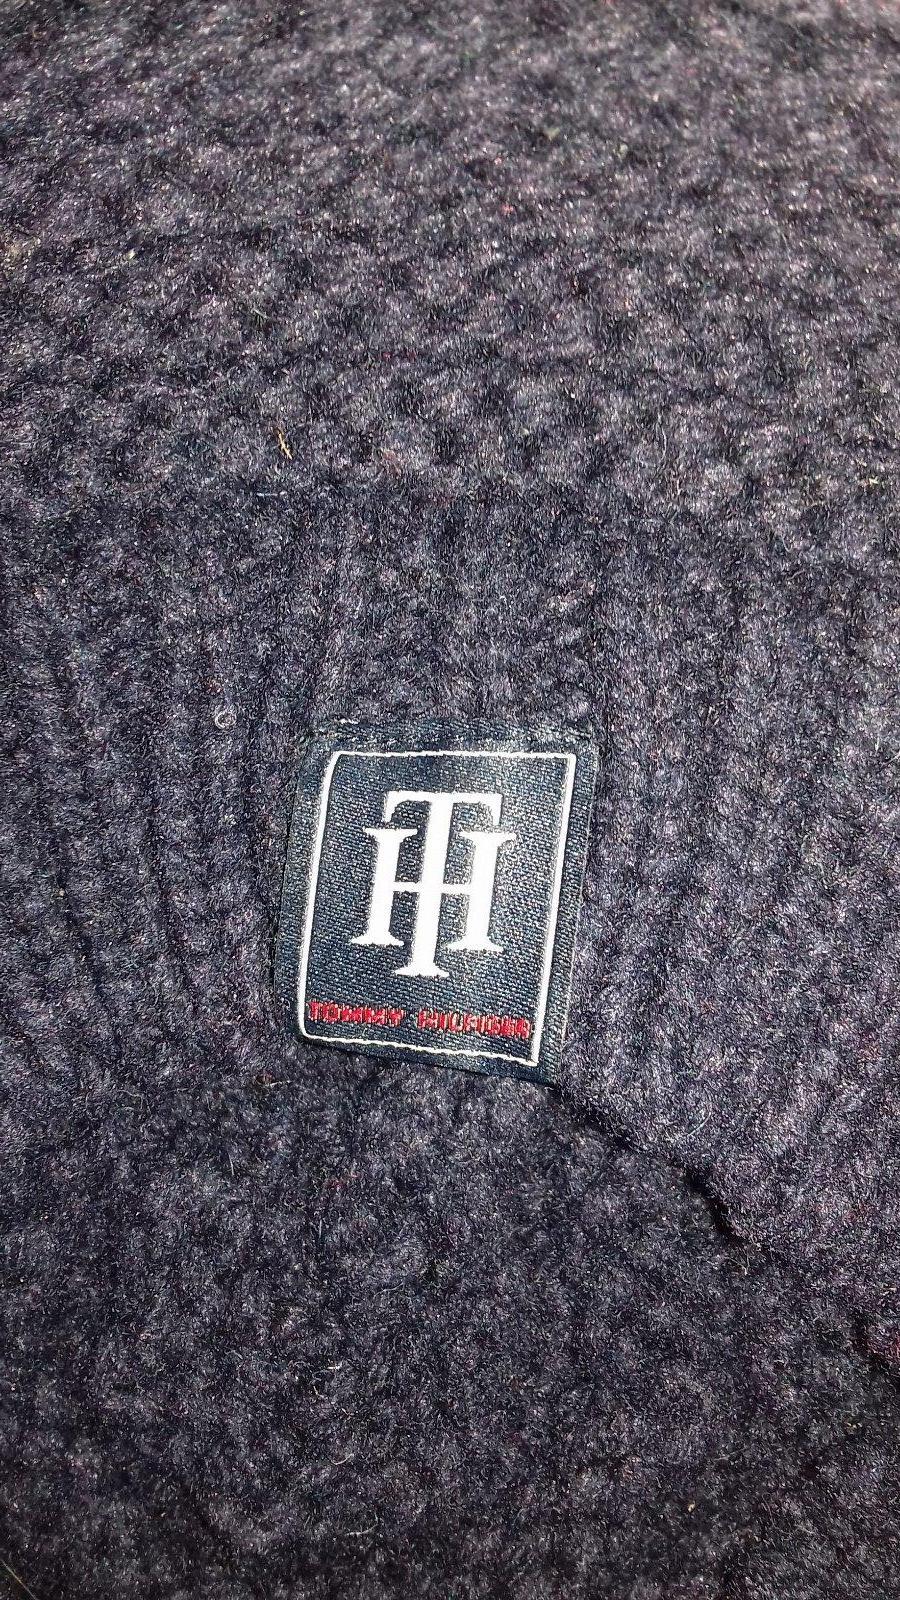 5404654d7 Tommy hilfiger baretka, tommy hilfiger,xl - 8 € od predávajúcej ivetka1980  | Detský bazár | ModryKonik.sk